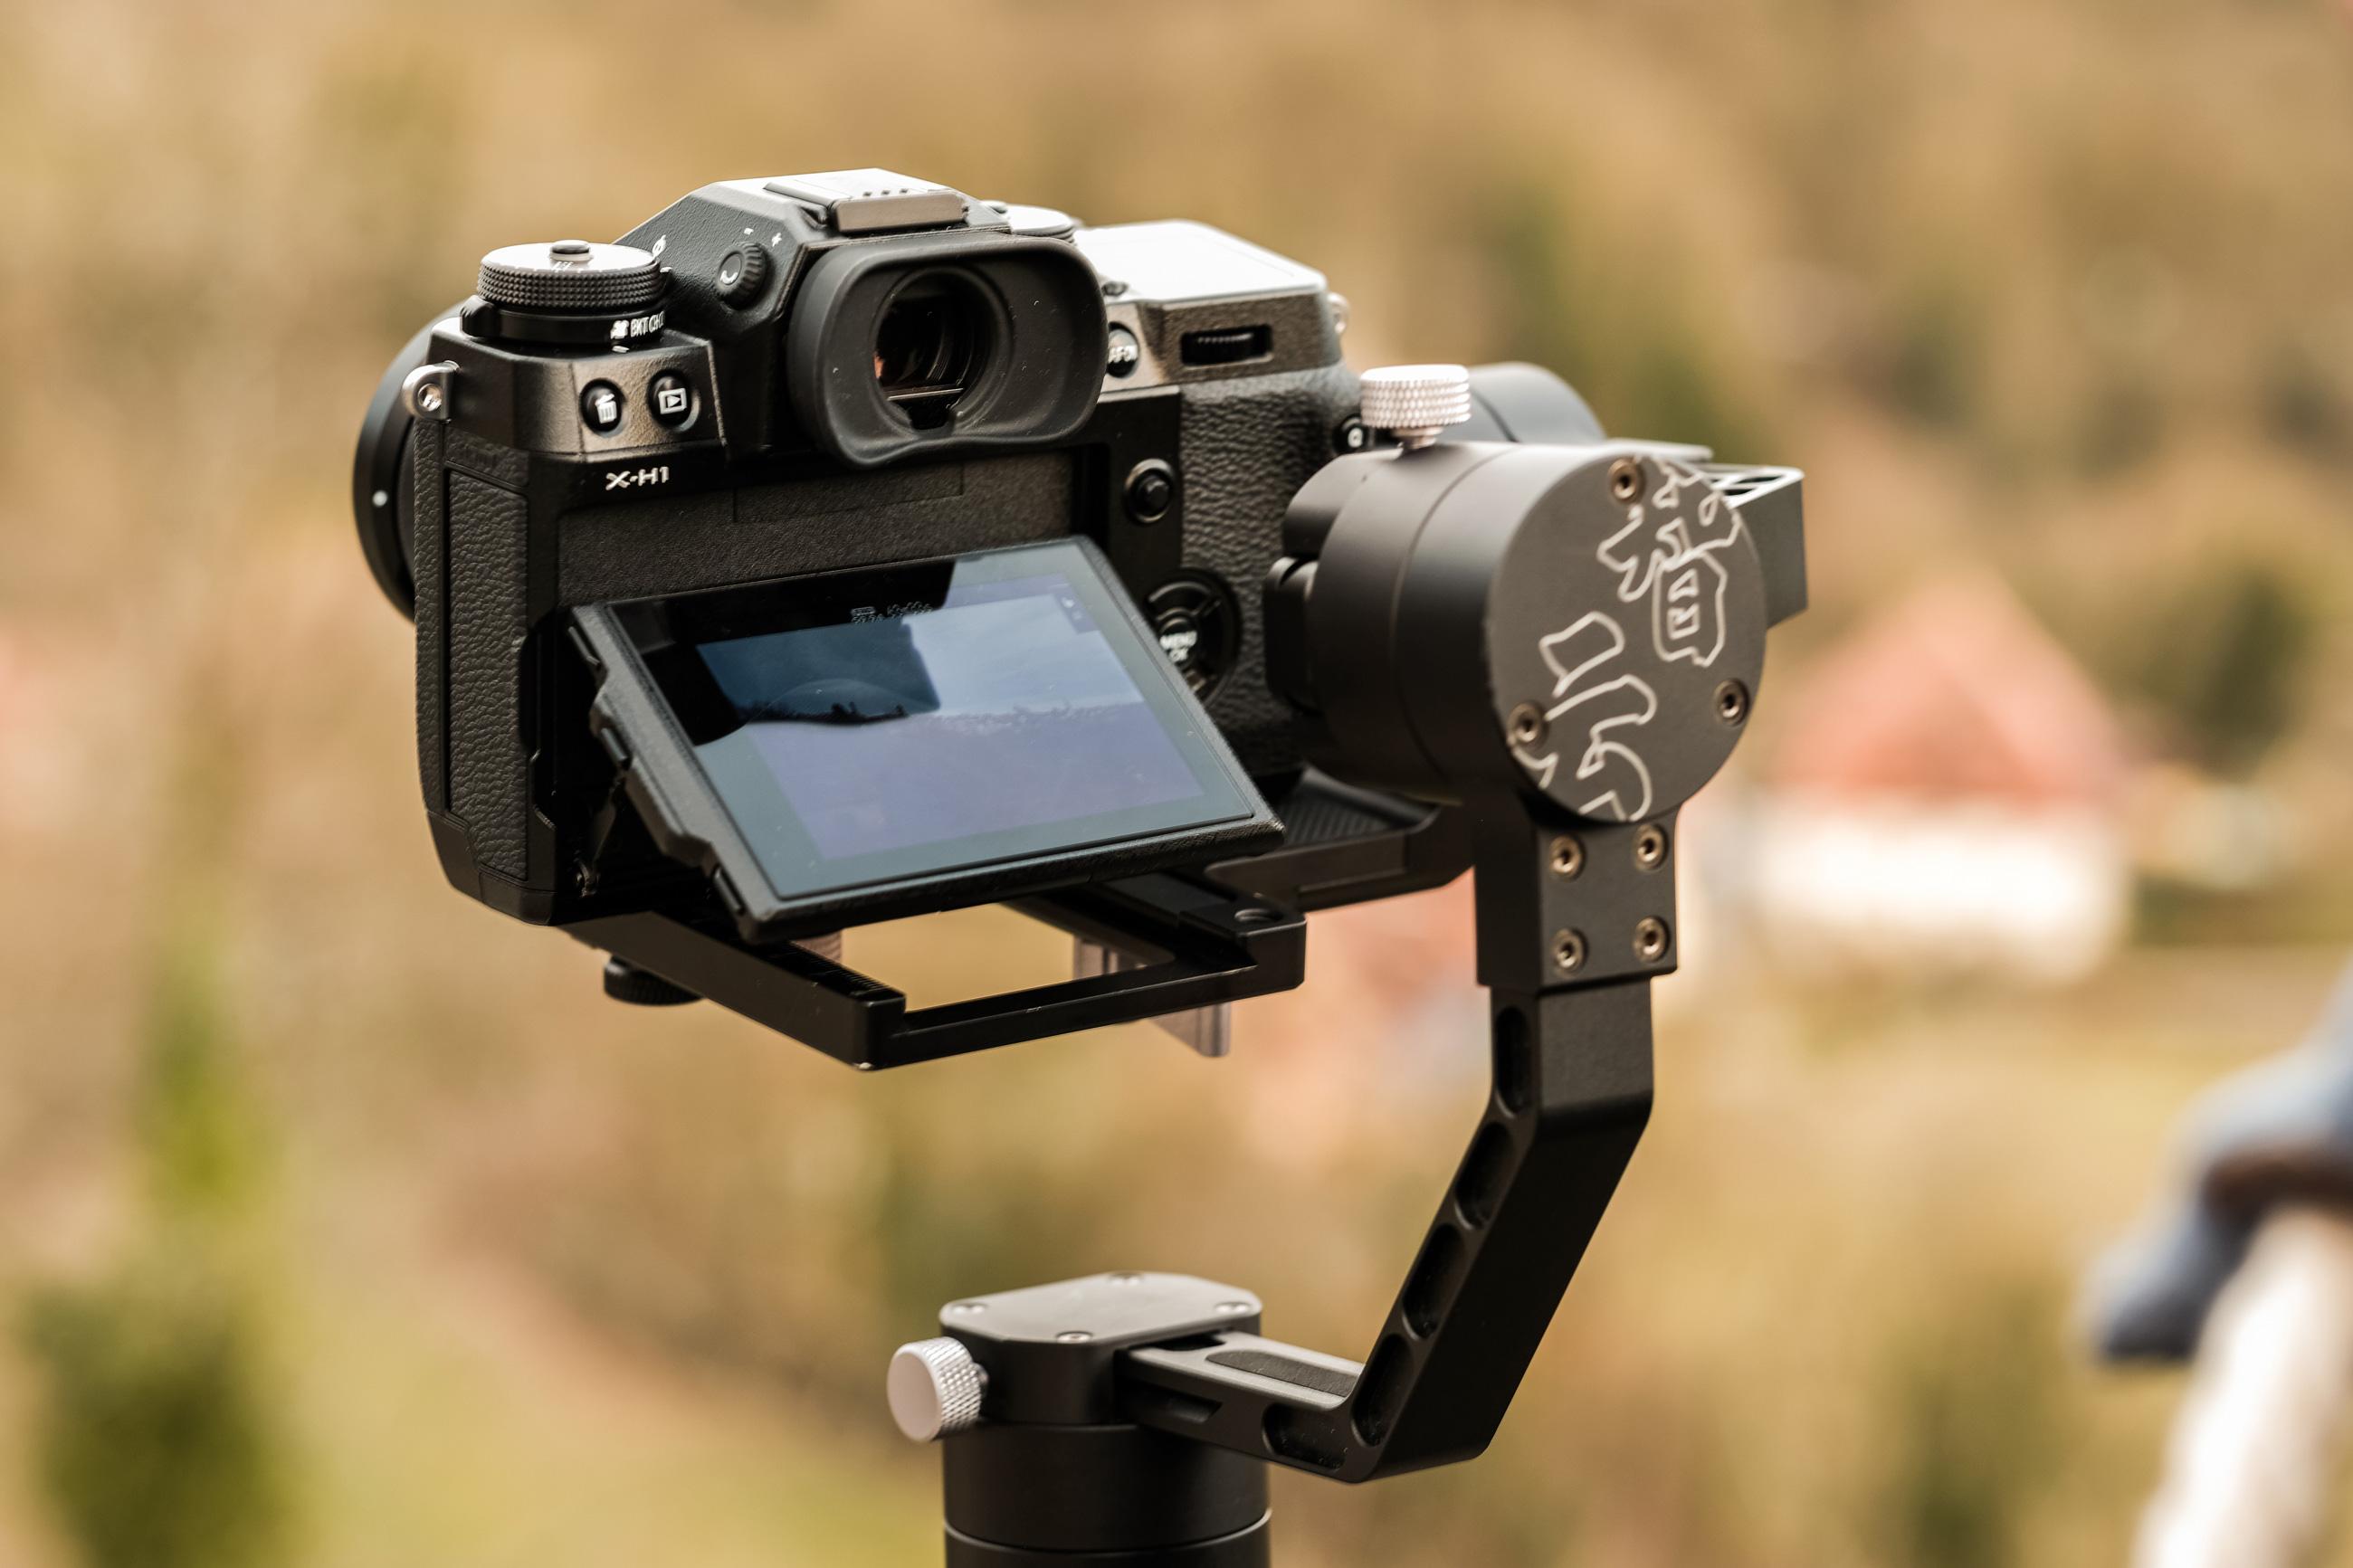 Fujifilm X-H1 mit Zhiyun Crane Gimbal